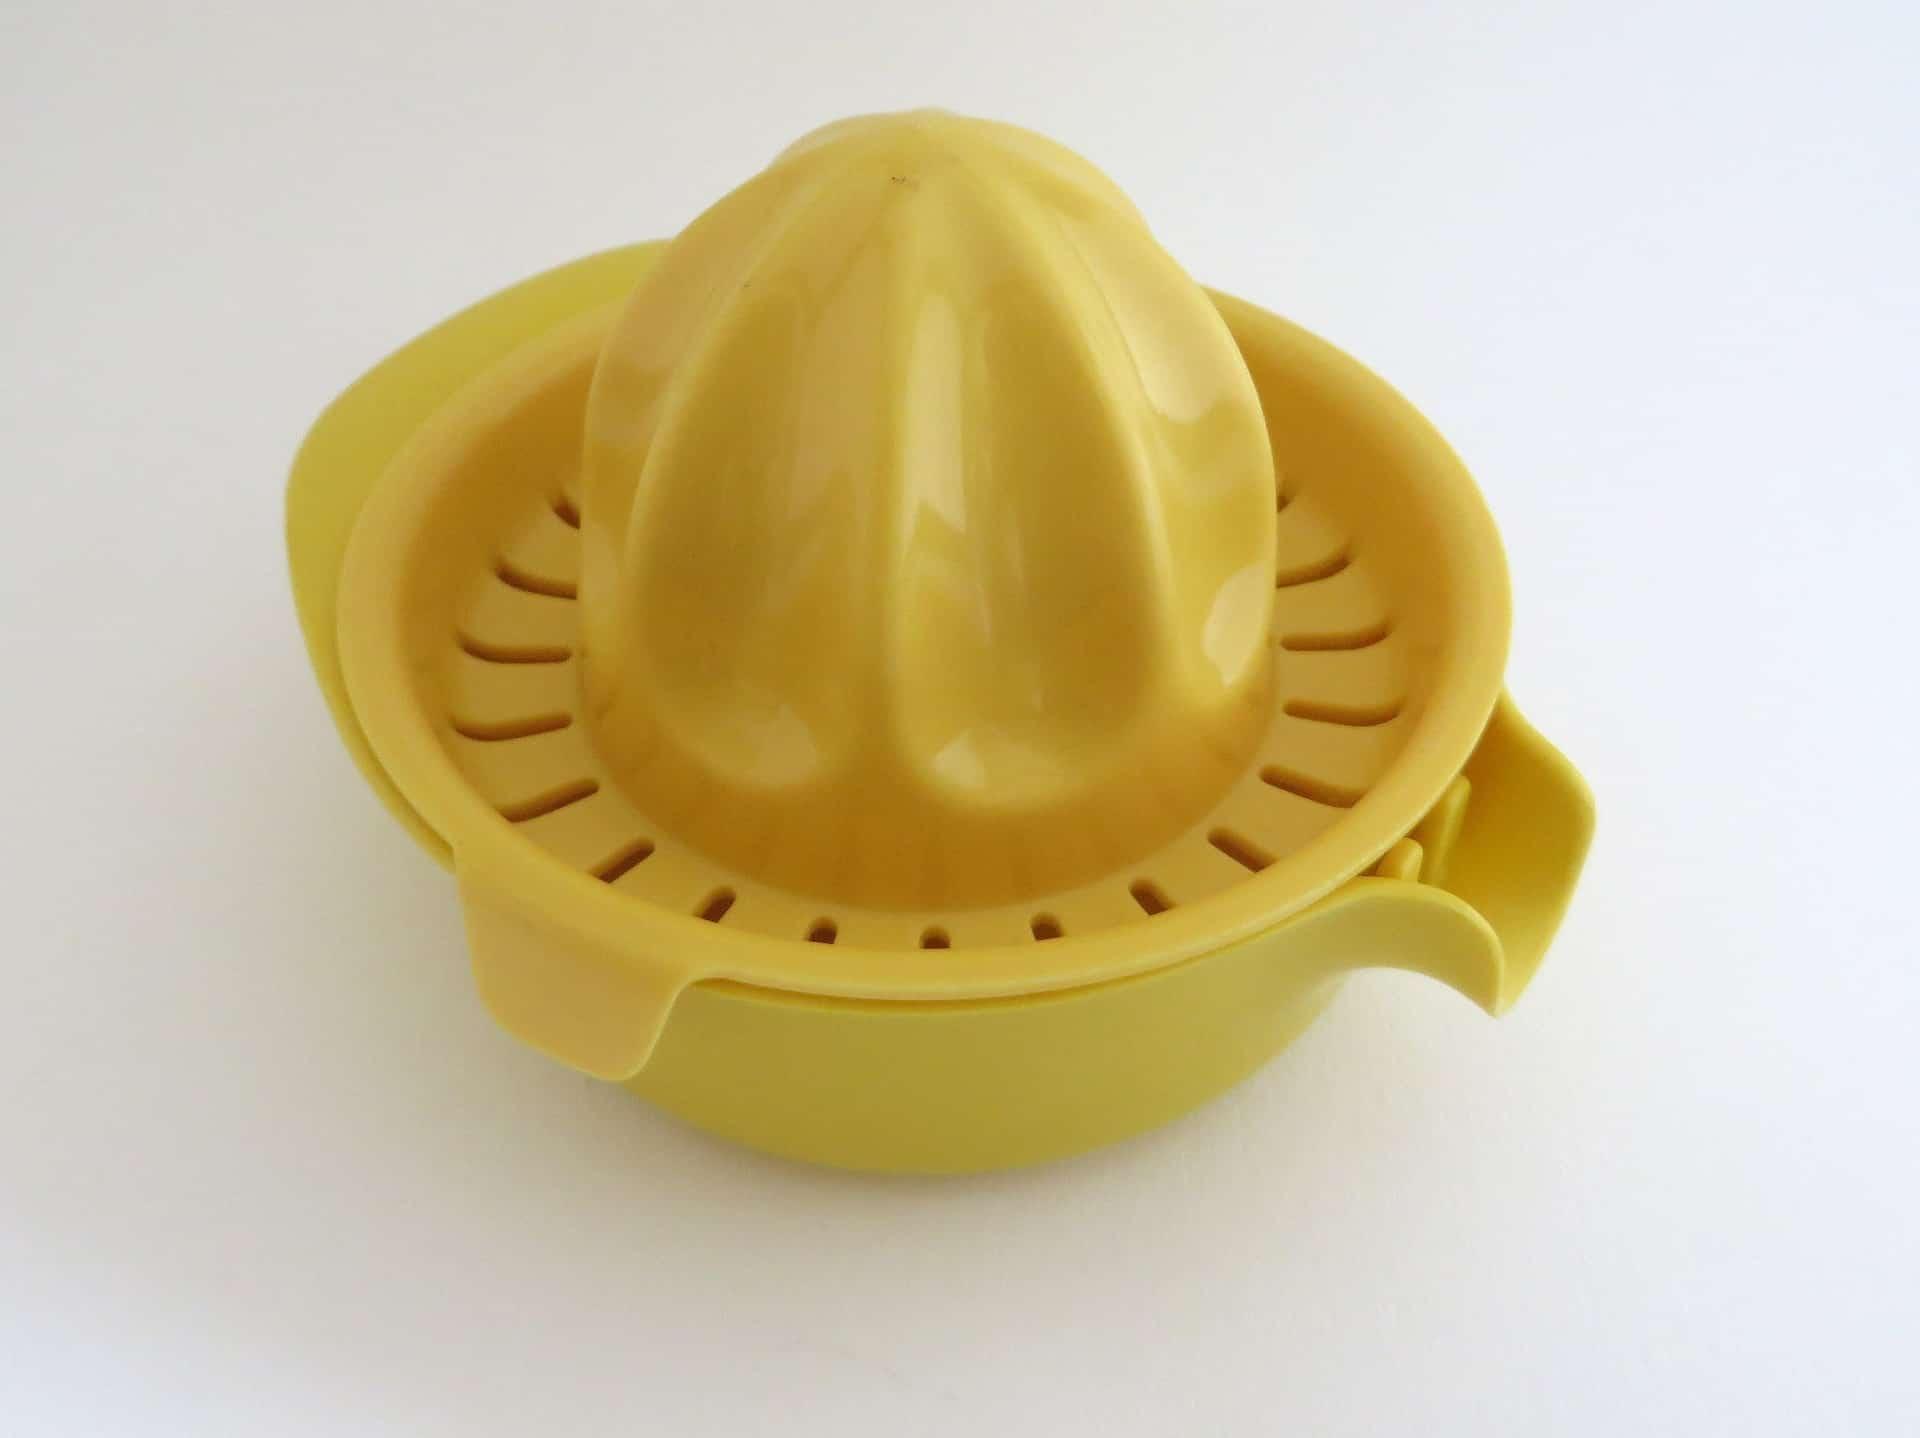 Espremedor de limão amarelo de plástico em um fundo branco.